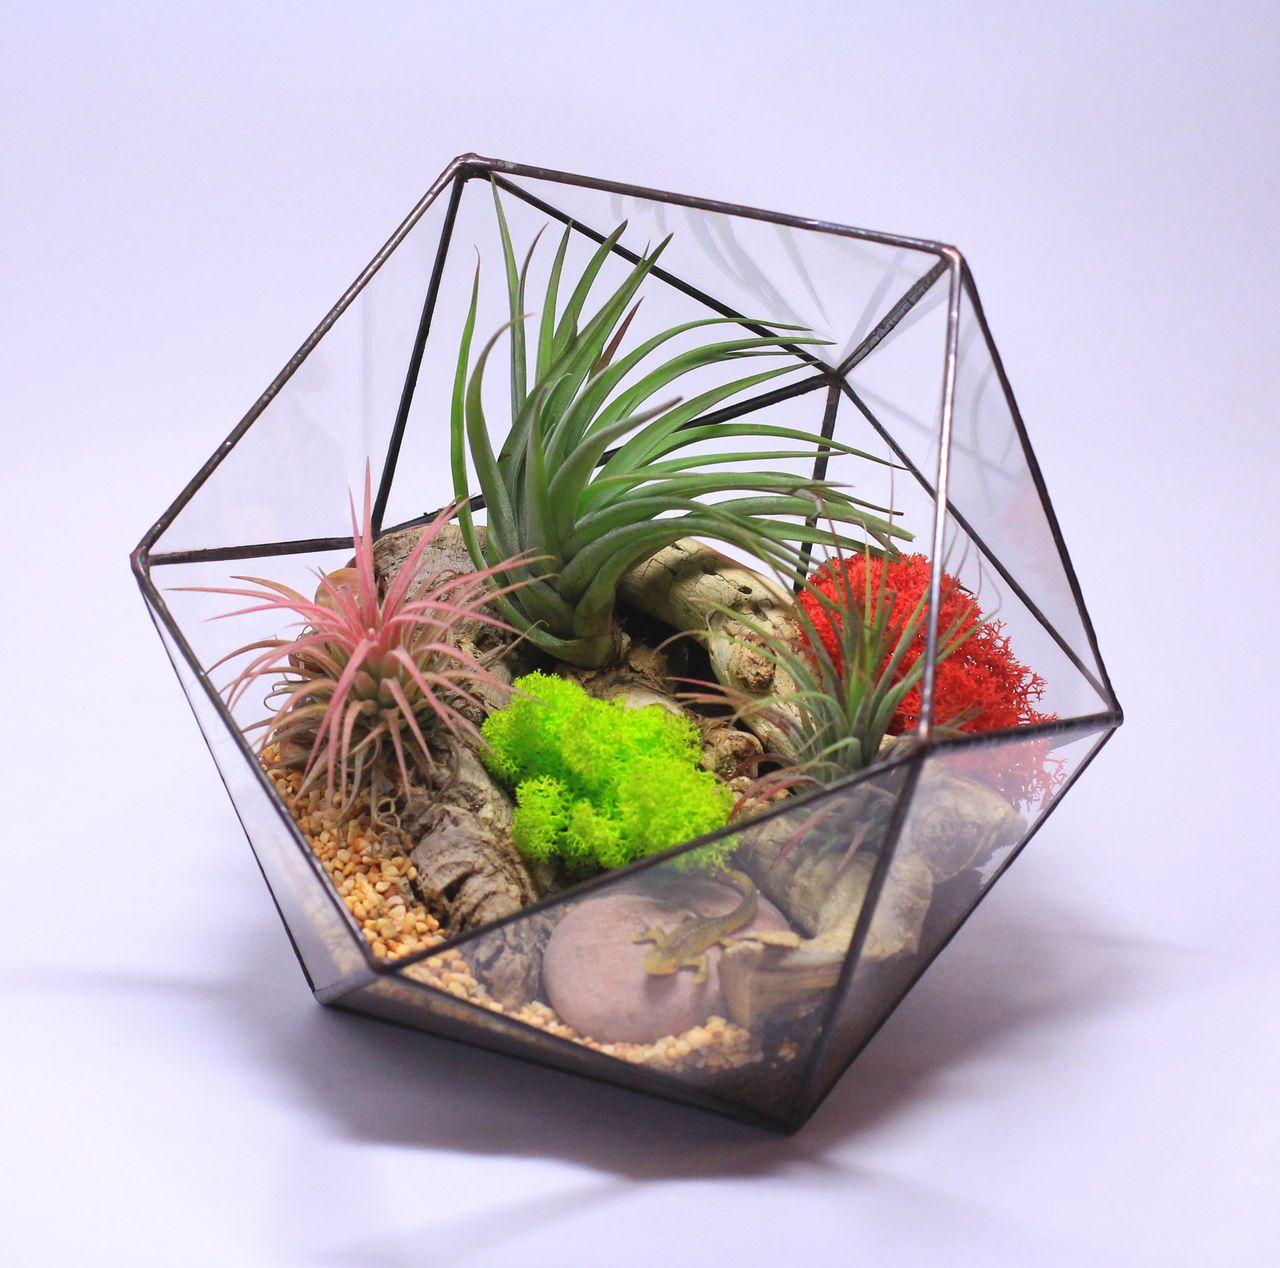 Как сделать флорариум своими руками - Handmade Idea 98